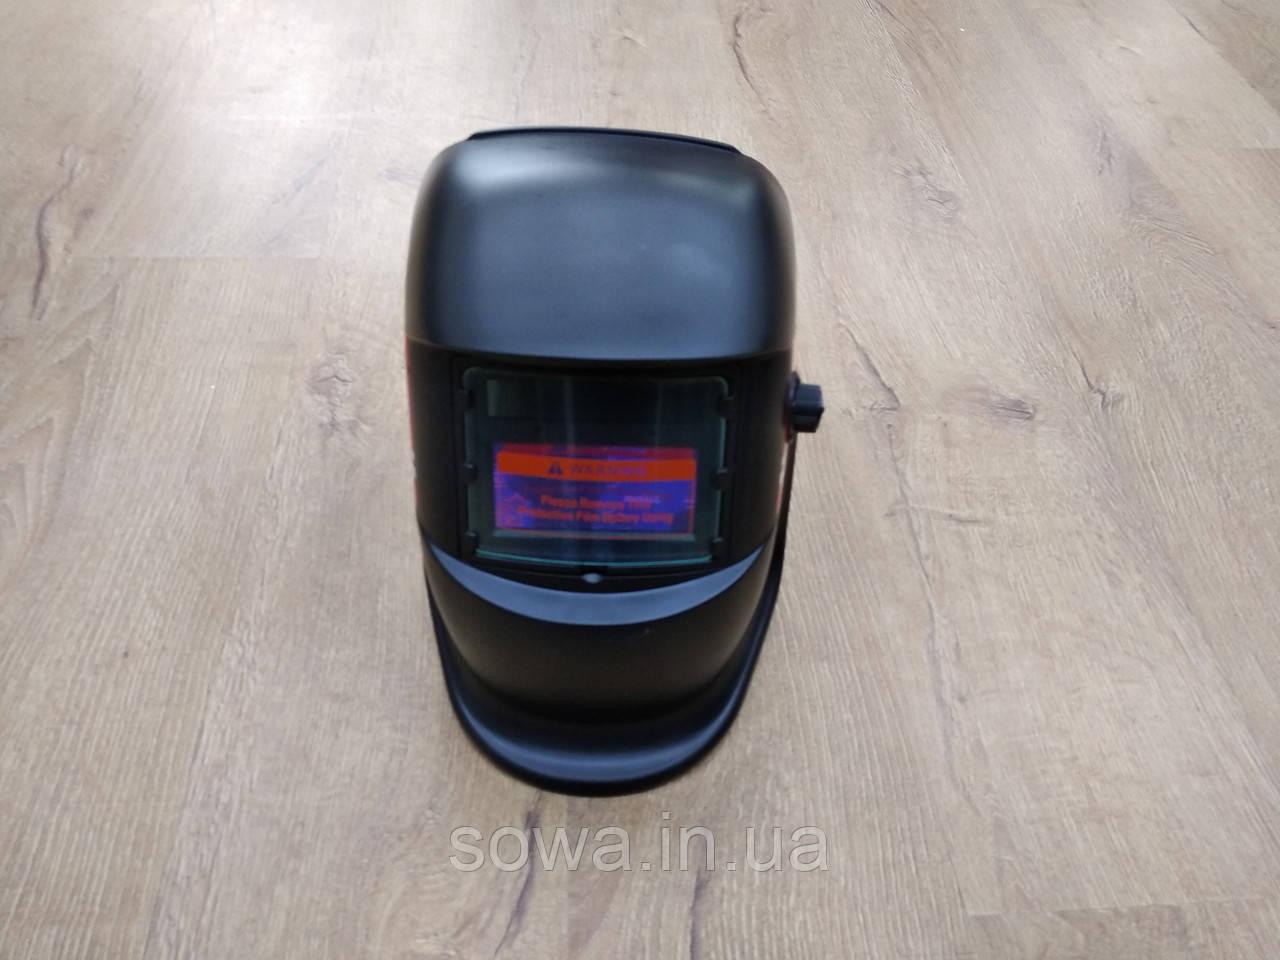 ✔️Сварочная маска - хамелеон (автозатемнение) MAX MXWO1